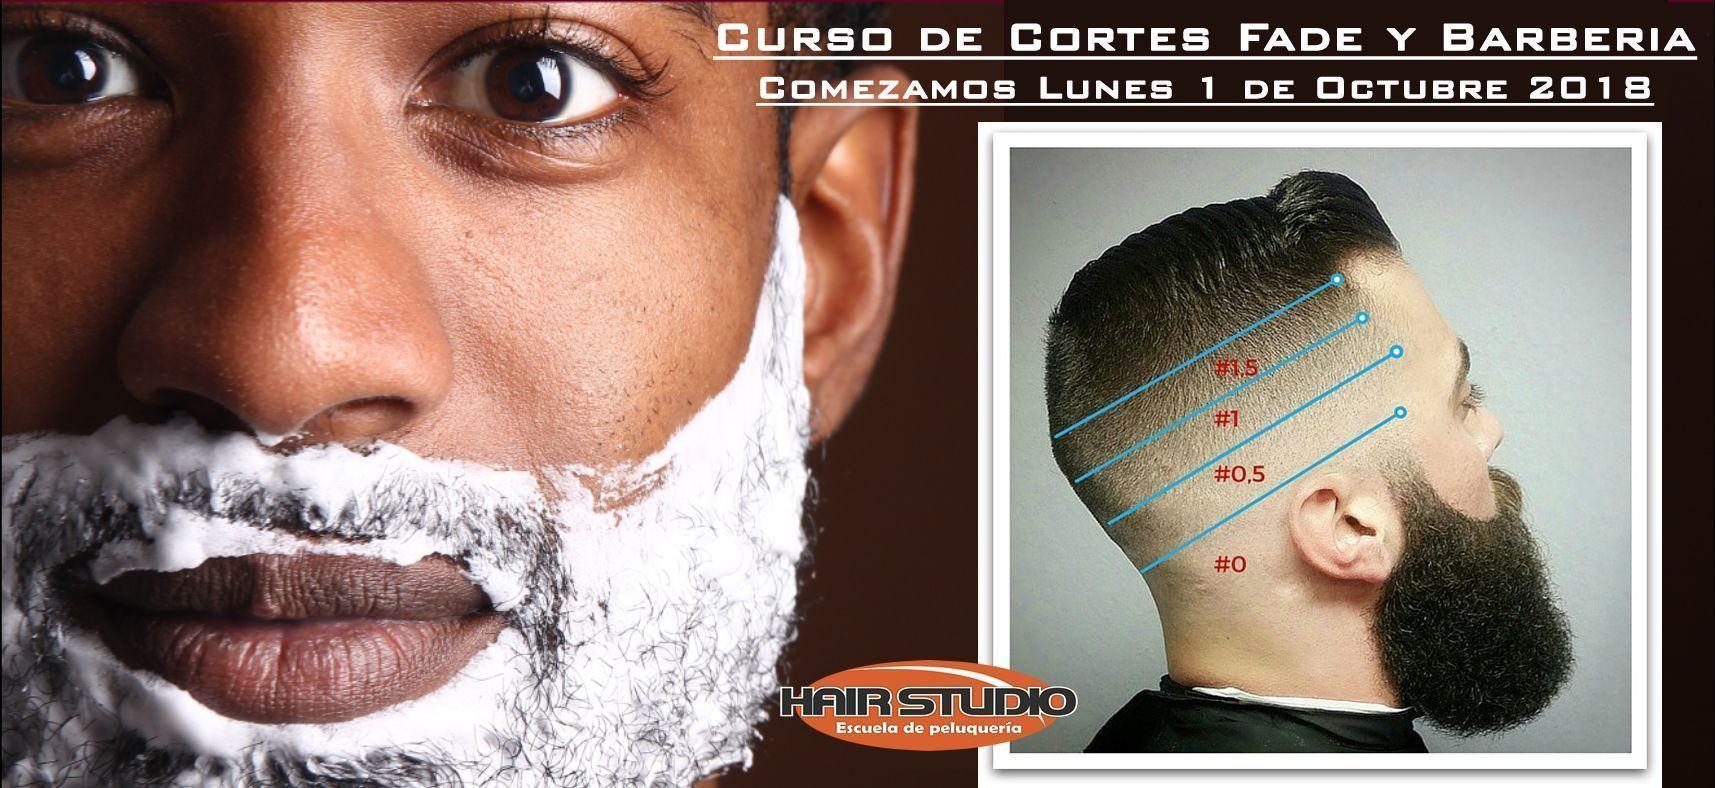 Curso de peluqueriacurso de corte fade y barberia octubre for Curso de interiorismo a distancia